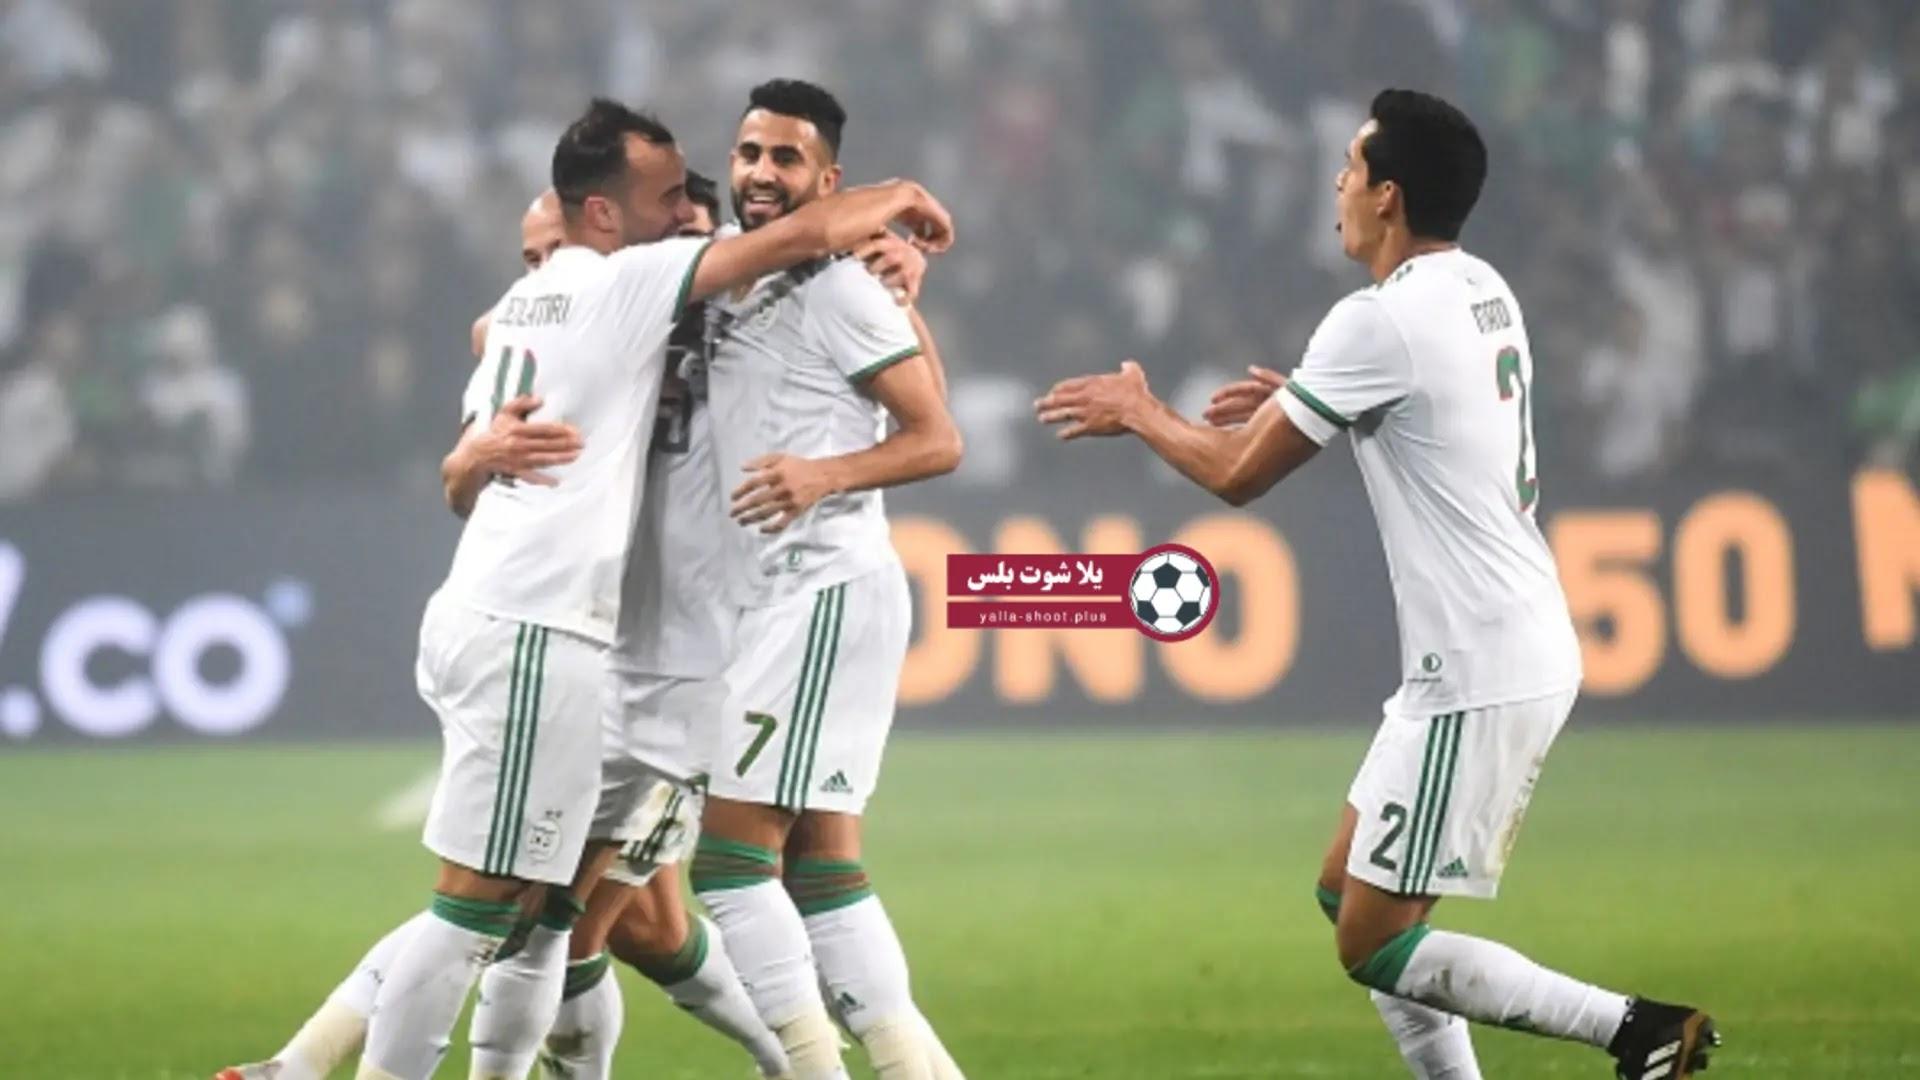 موعد مباراة المنتخب الجزائري ضد زامبيا في تصفيات كأس امم افريقيا